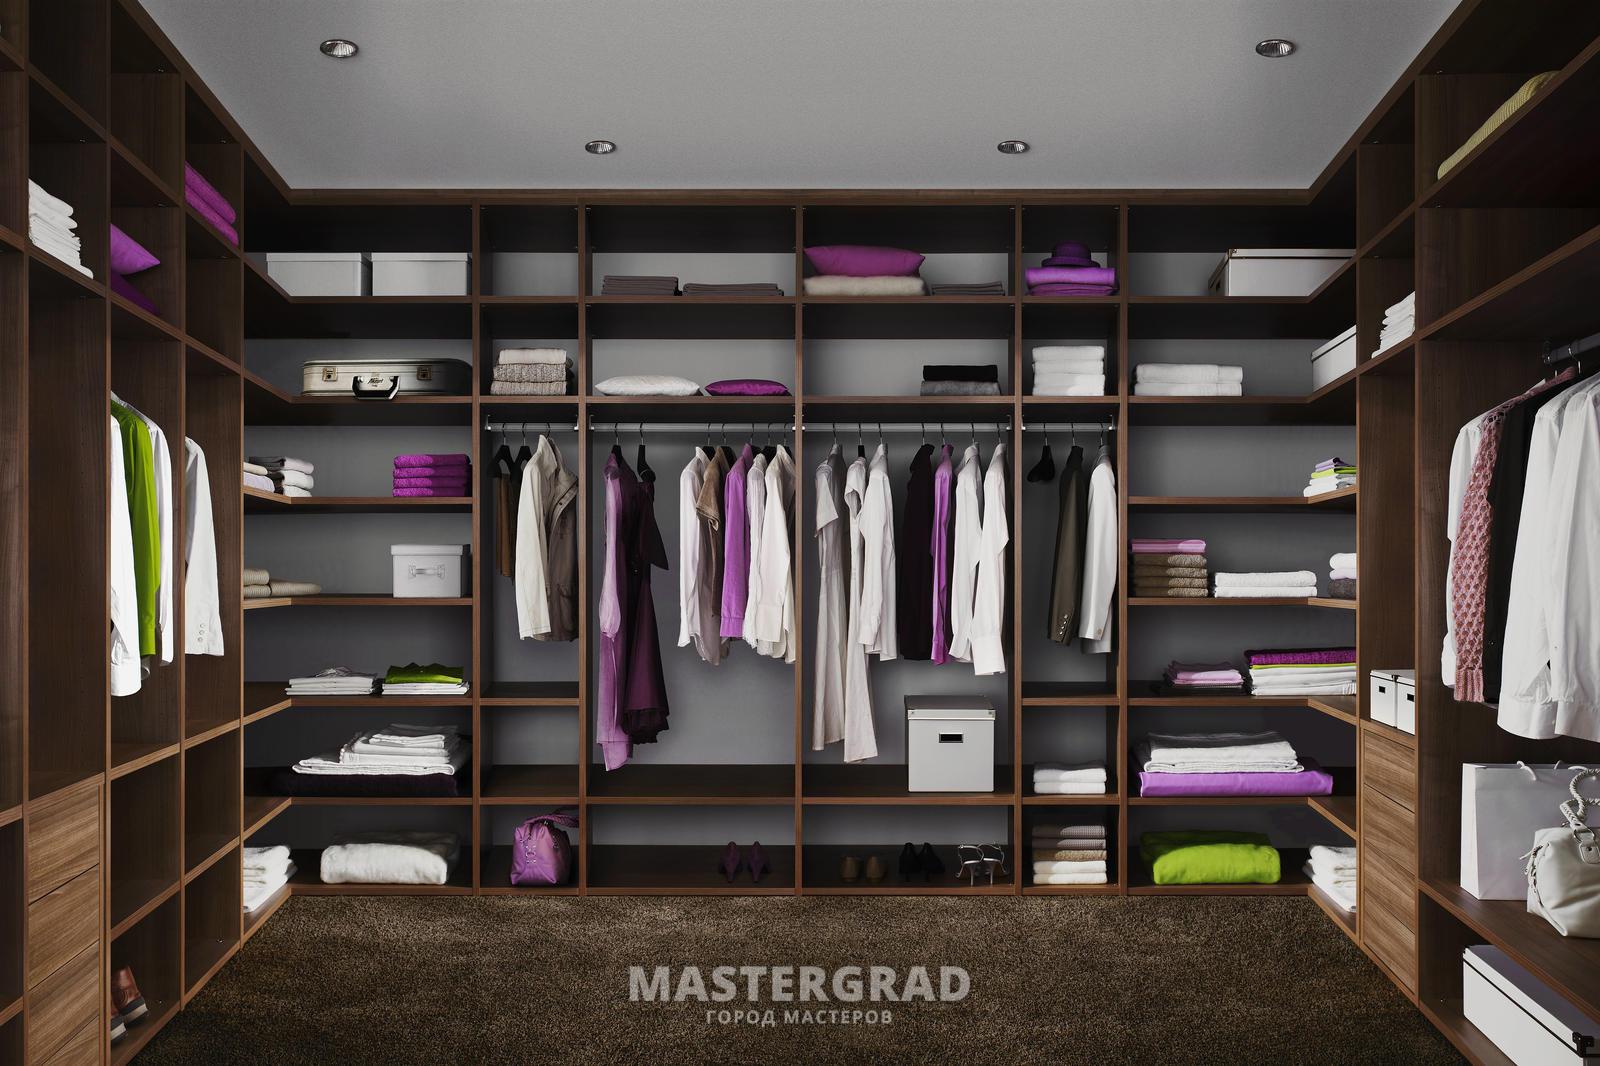 Гардеробная комната для верхней одежды и обуви - компания 10.